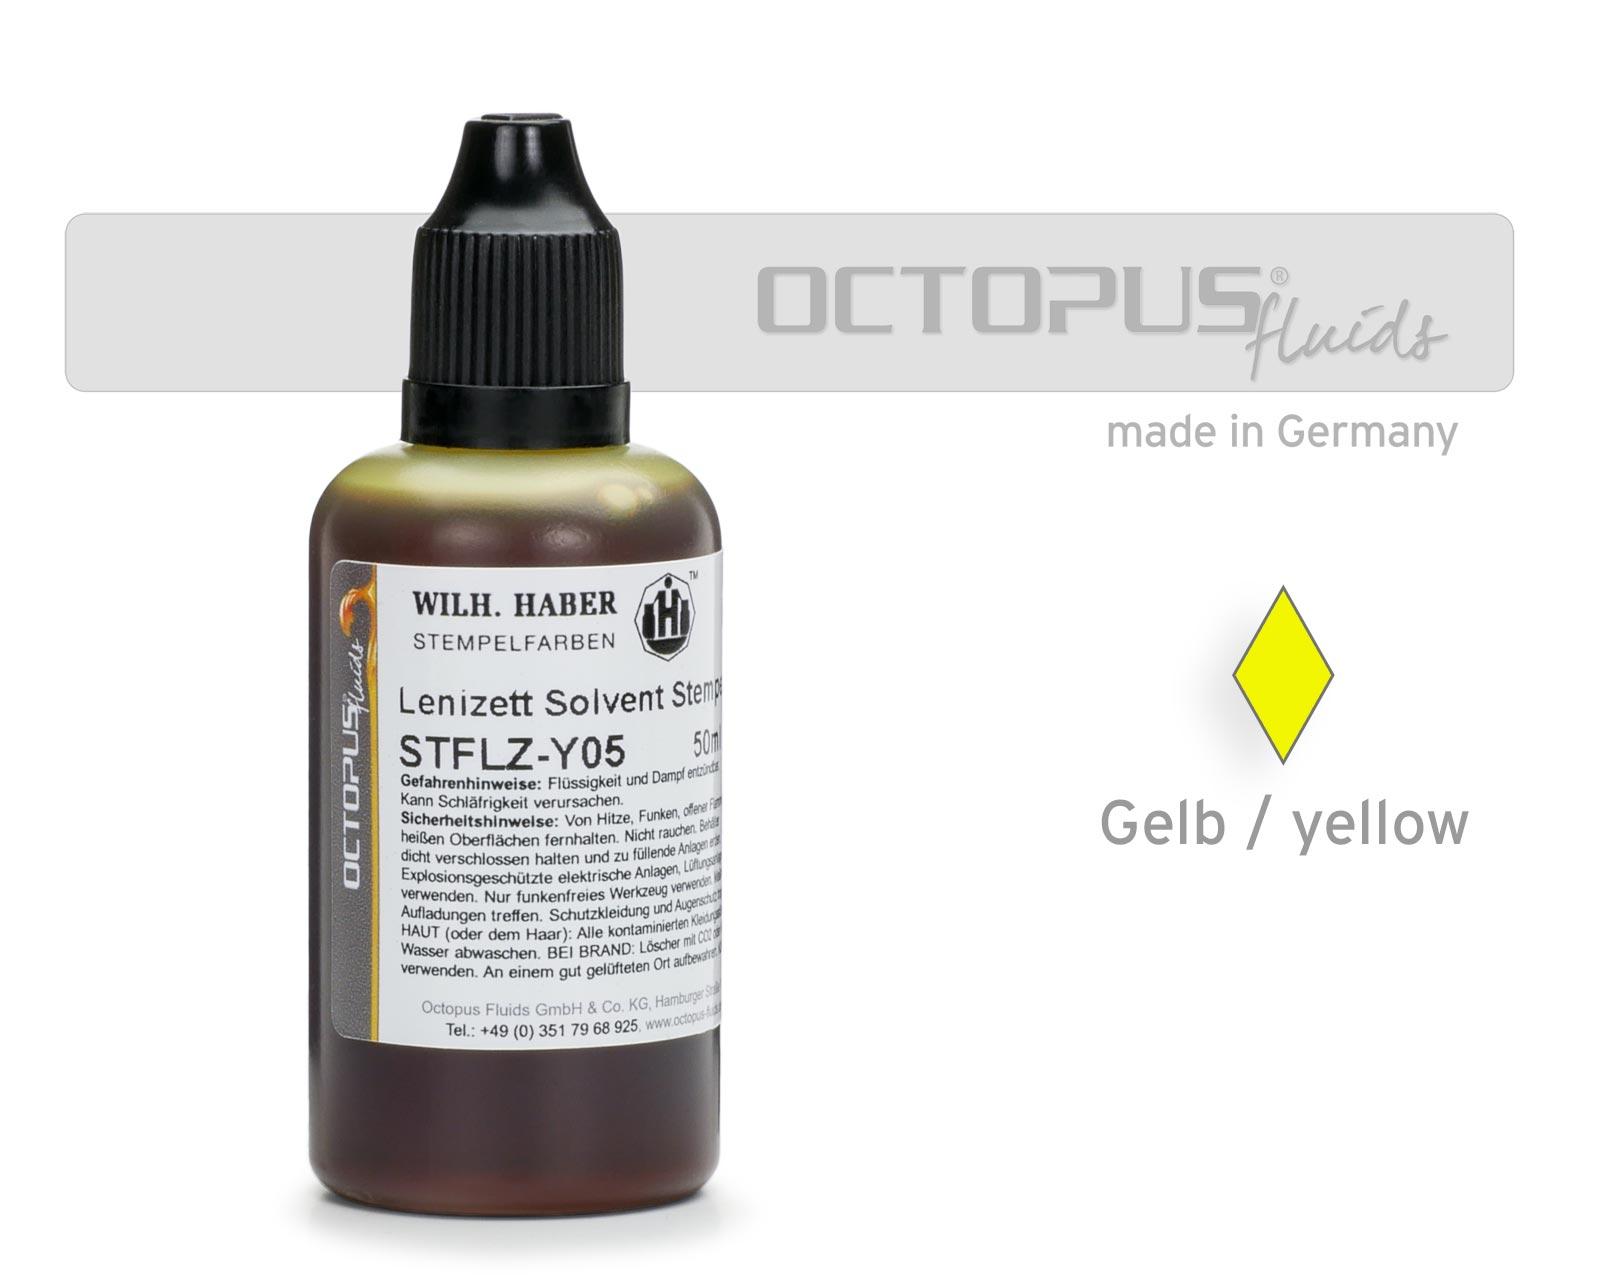 Lenizett Solvent Stempelfarbe für glatte Untergründe, gelb